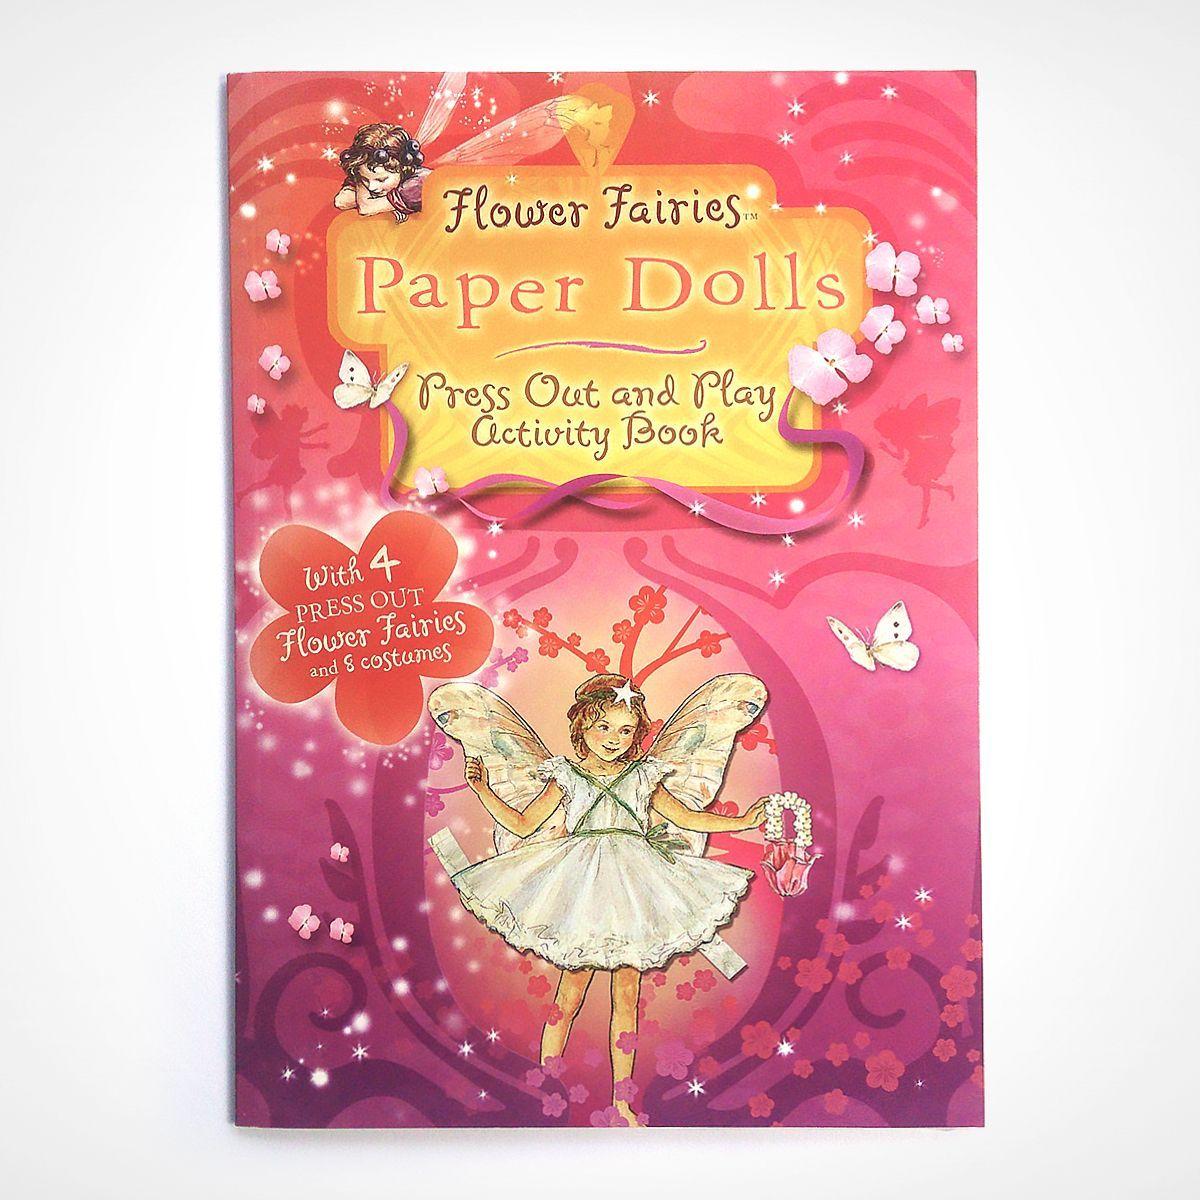 livro fadas bonecas de papel - flower fairies - livraria penguin group